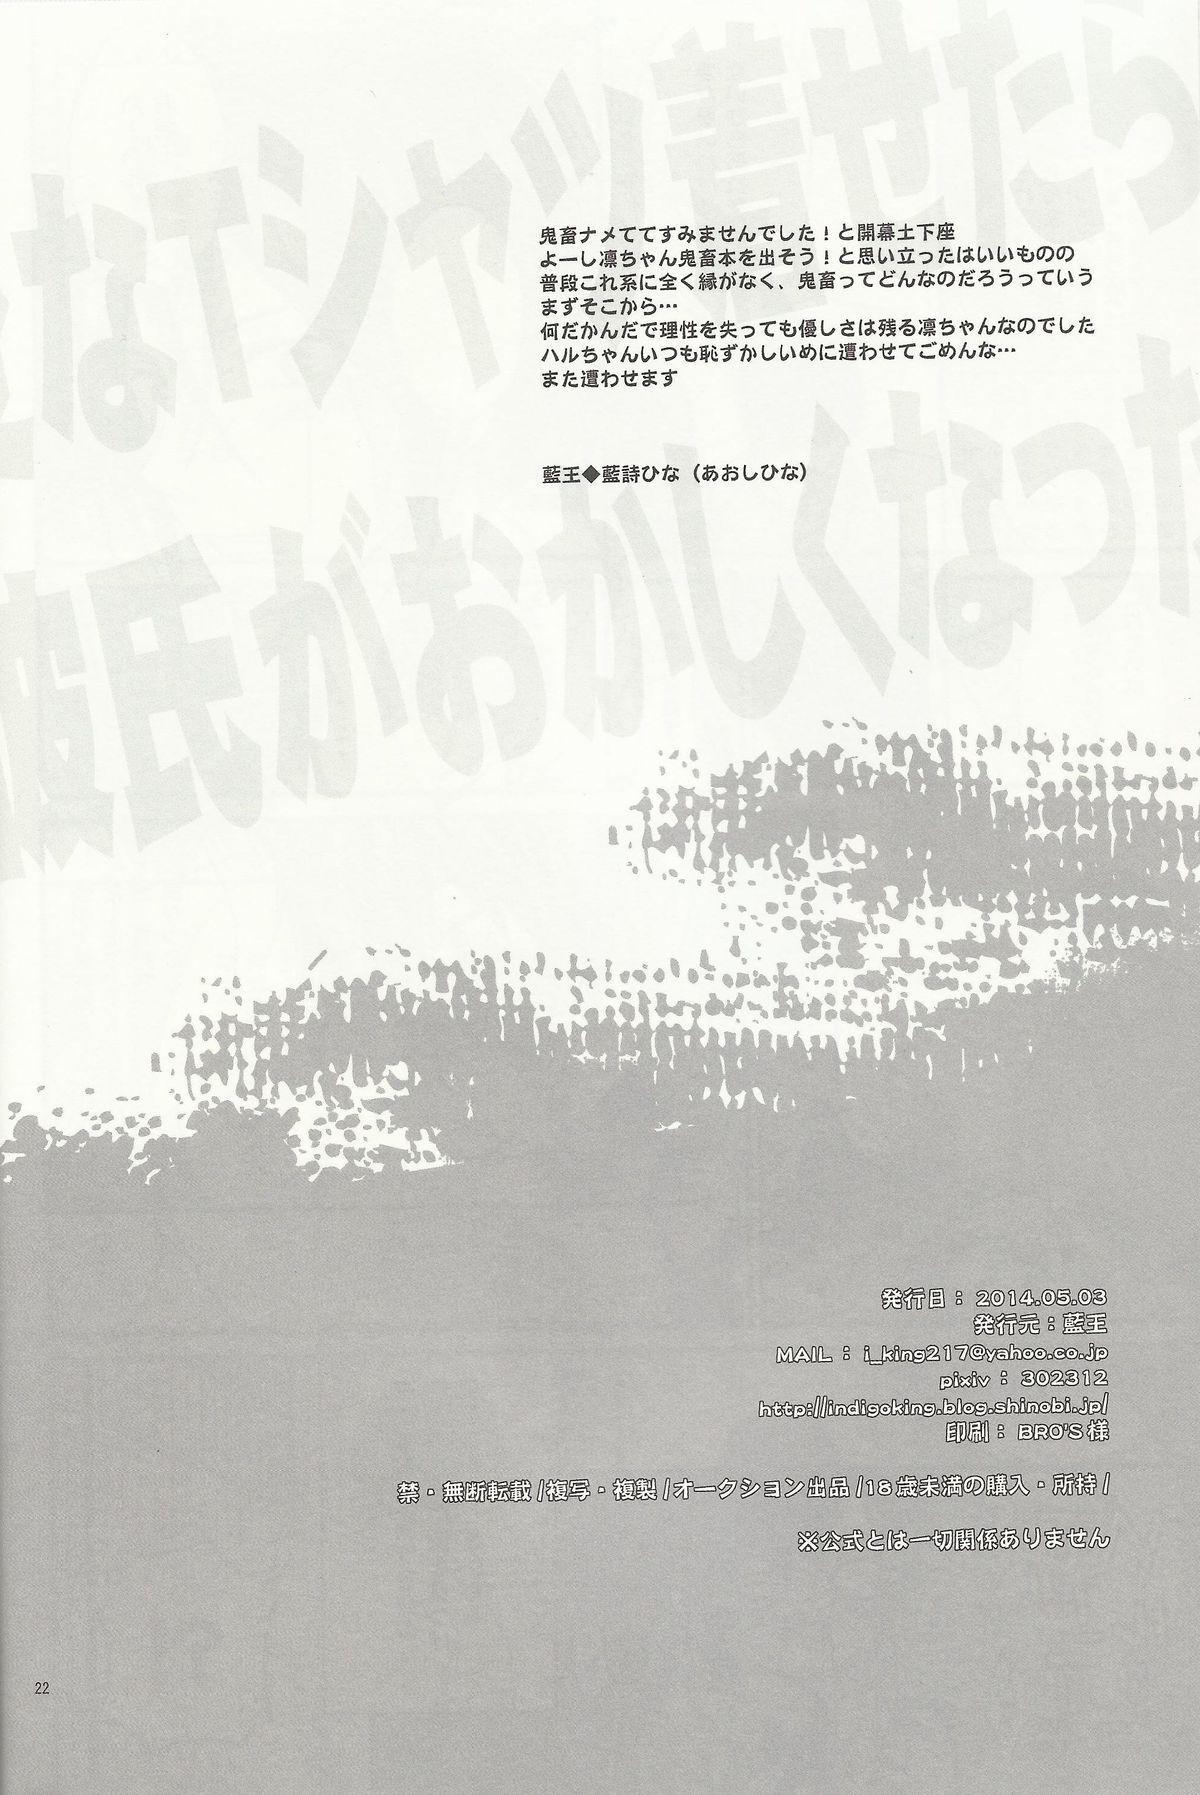 Hen na T-shirt Kisetara Kareshi ga Okashiku Natta 19